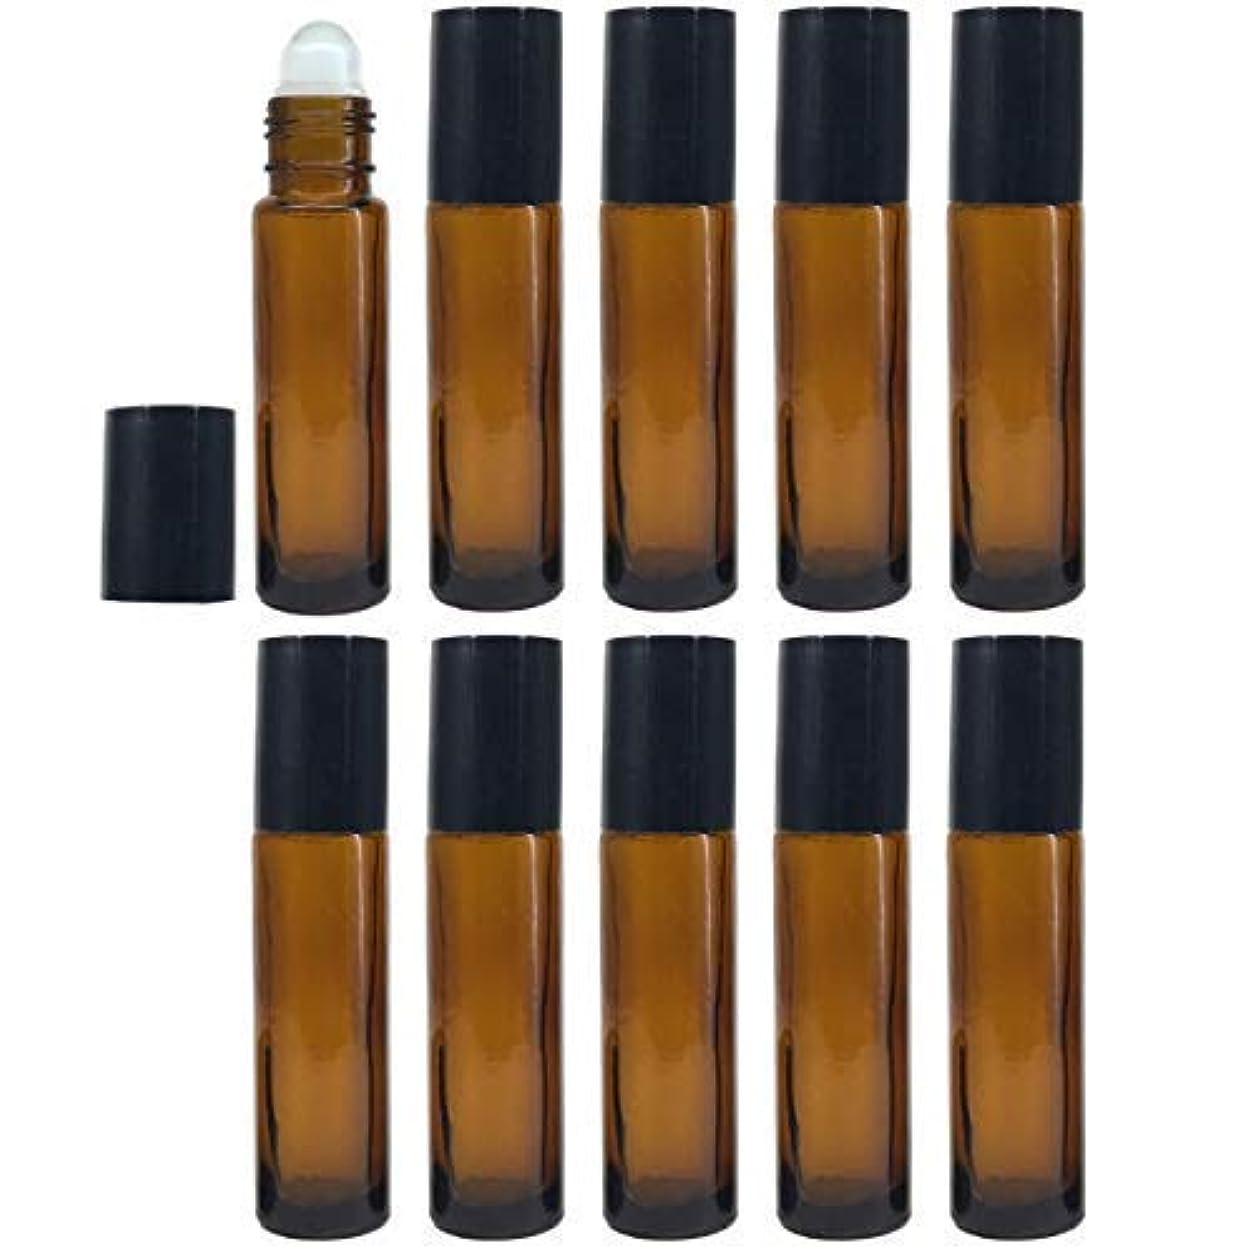 ペデスタル作り法医学ロールオンボトル 10ml 10本セット アロマオイル 遮光瓶 ガラスロールタイプ 手作り香水 (ブラウン/10ml?10本)